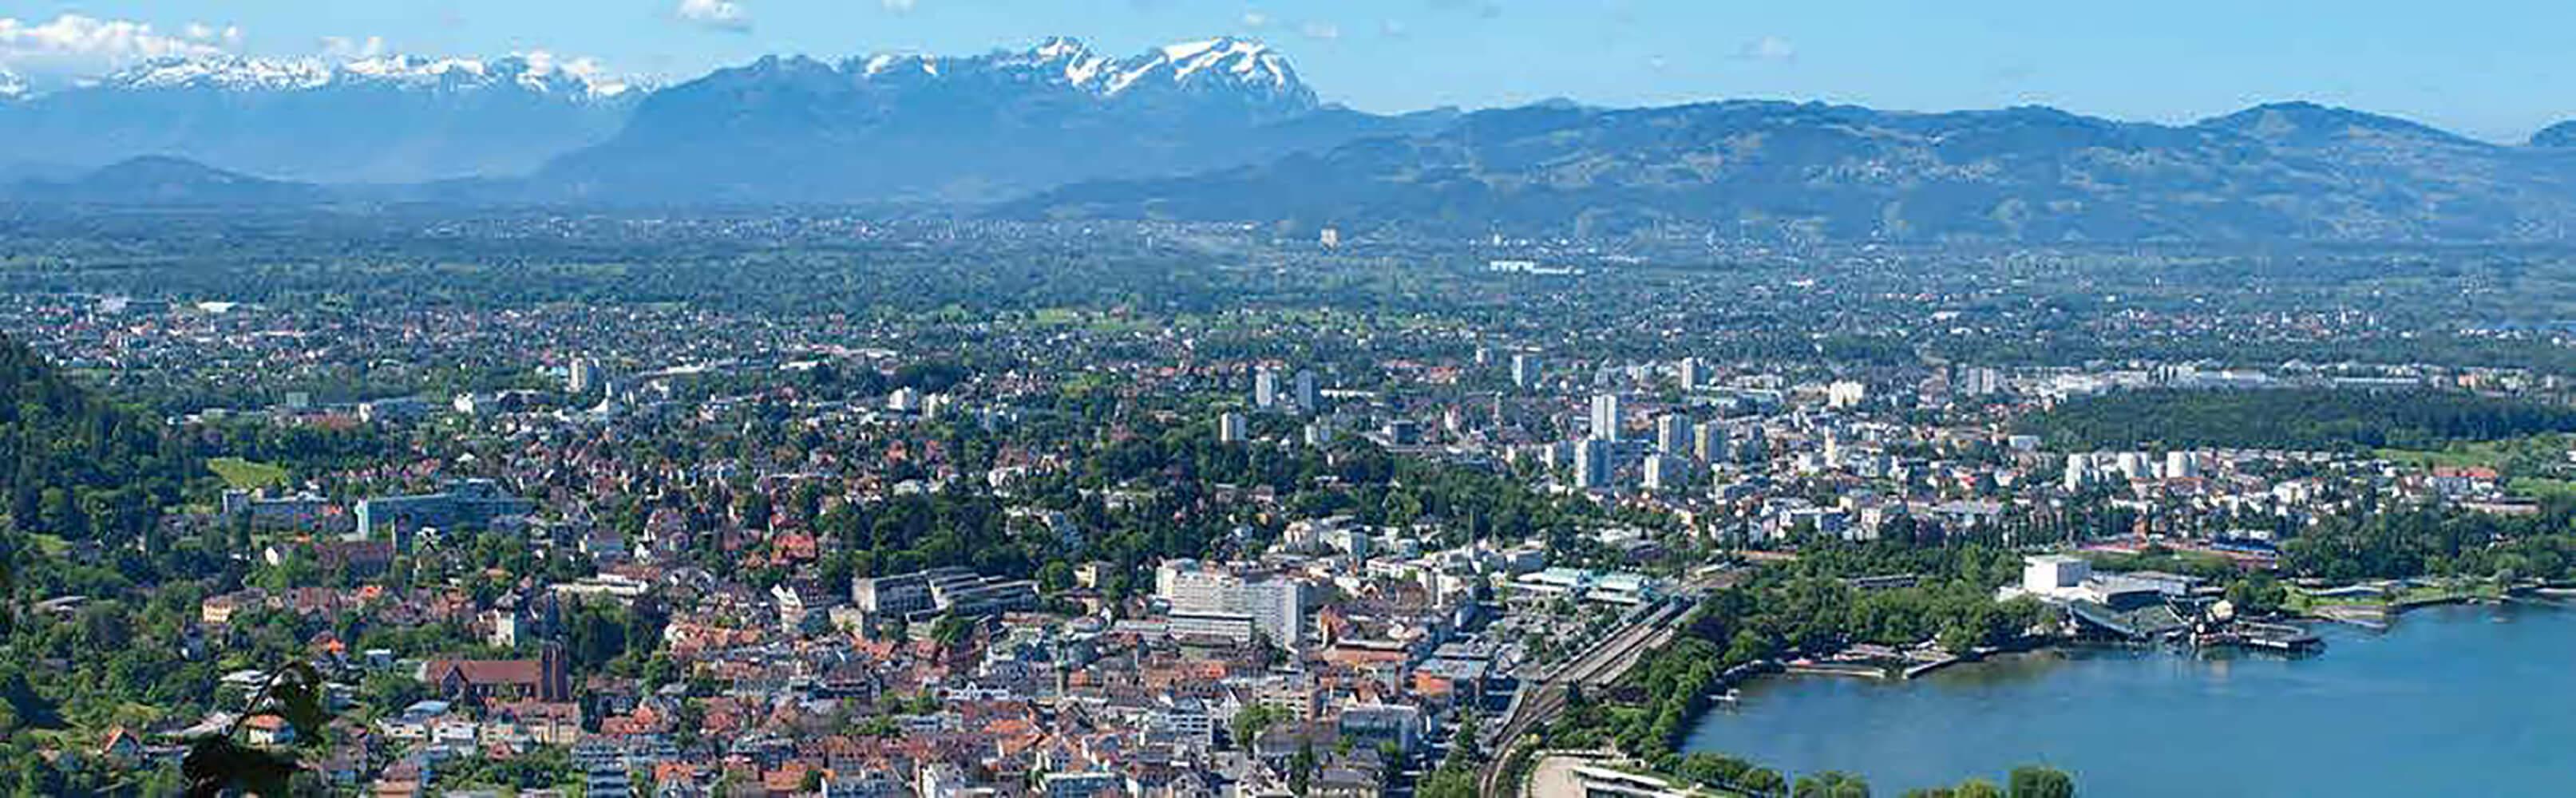 Bregenzer Festspiele - ein Kulturgenuss 1